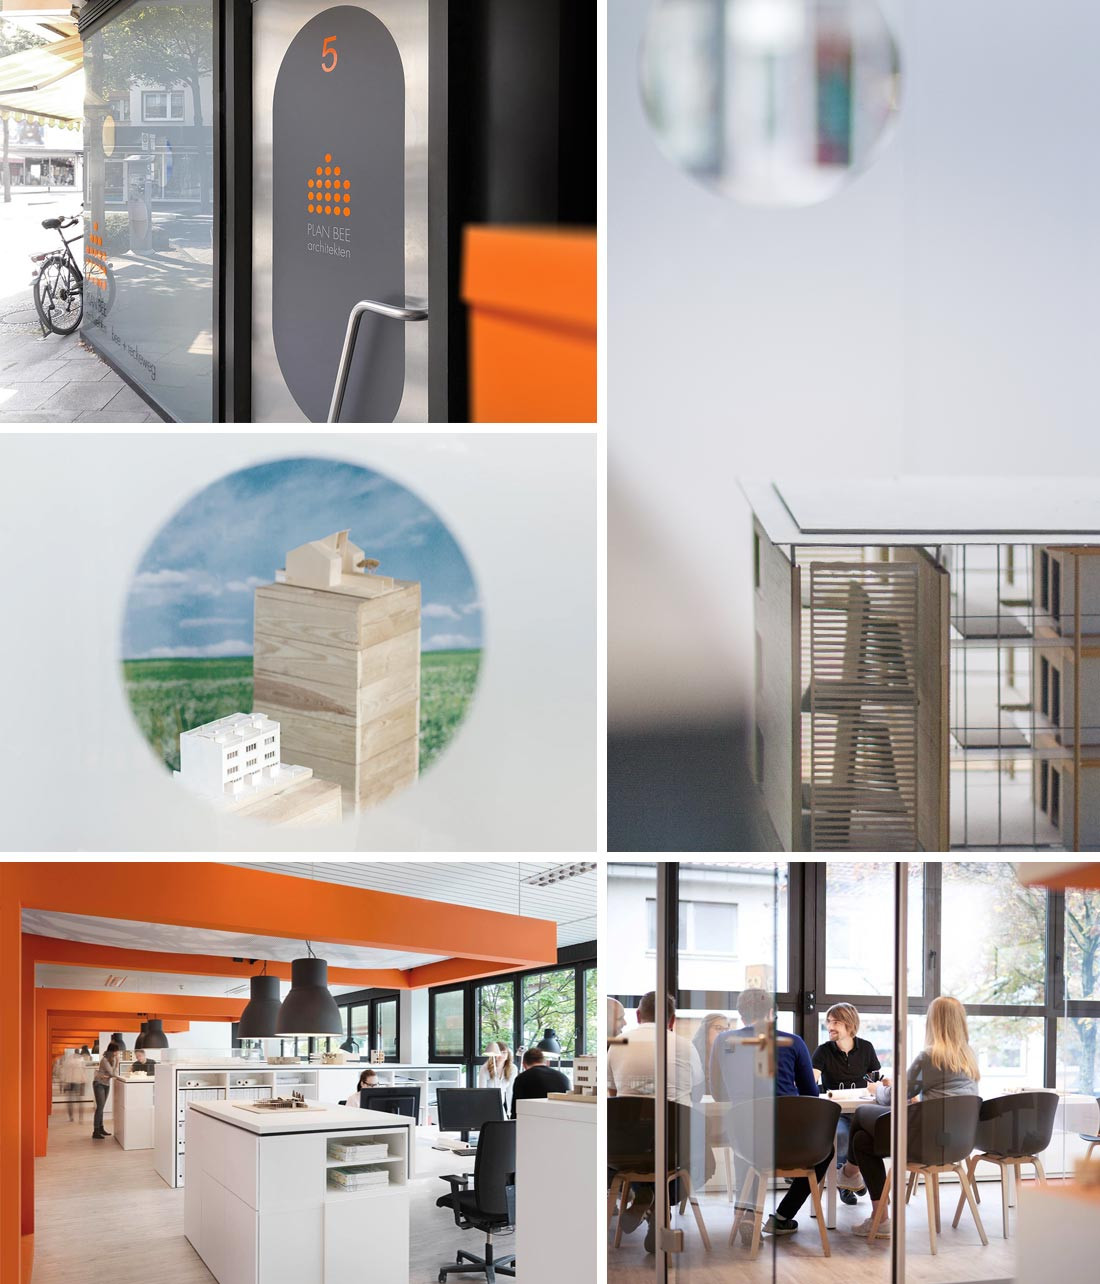 Eingang und Empfang im Architekturbüro